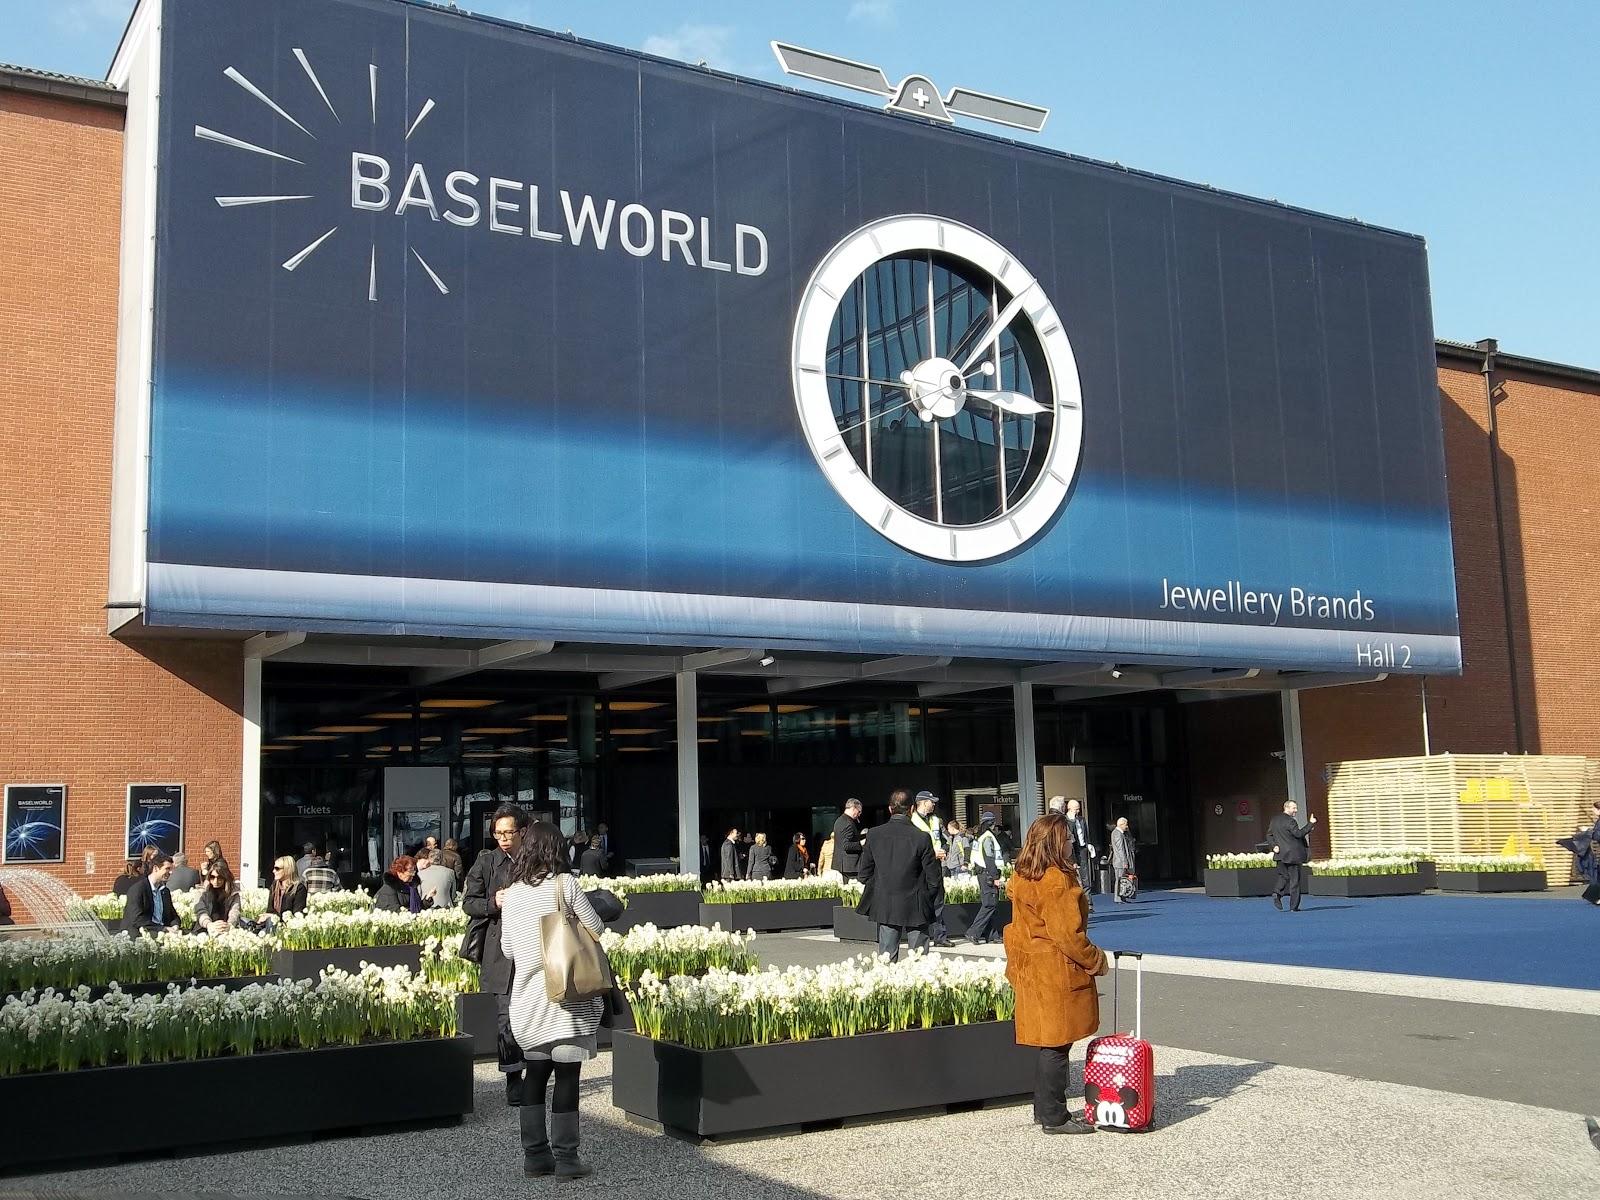 baselworld-2021-cancelled-postponed-2.jpg